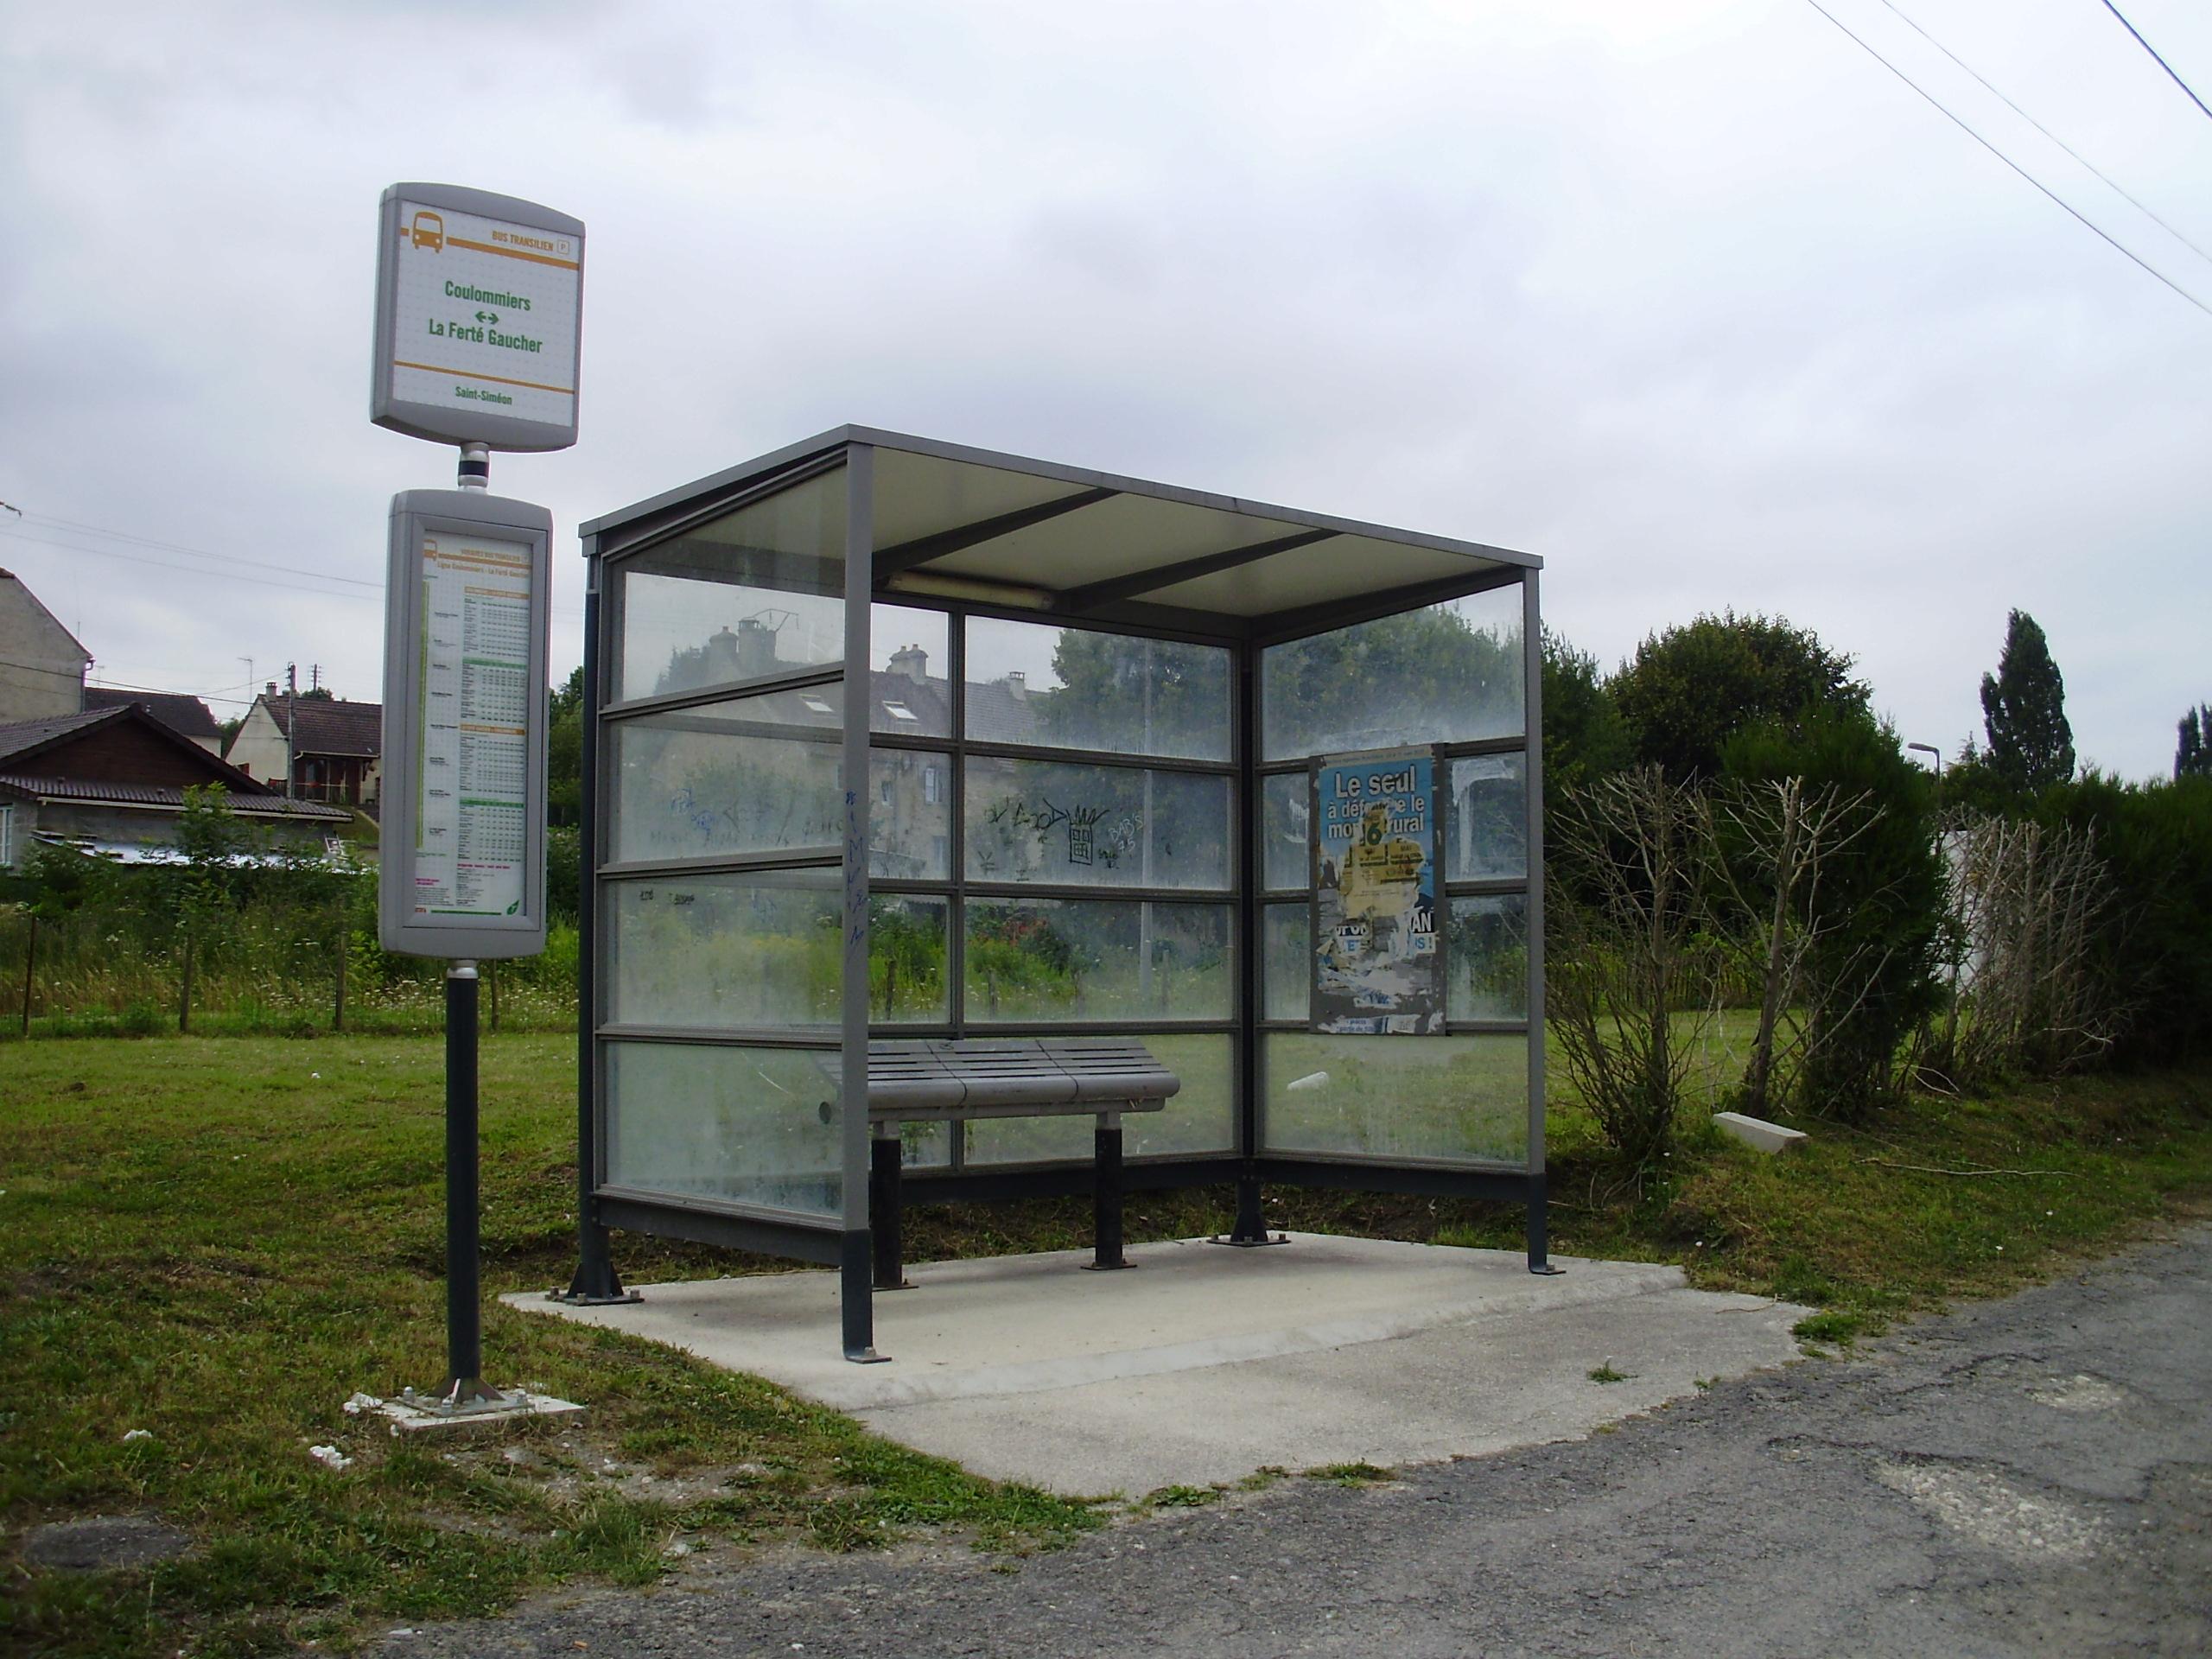 Station Saint-Siméon